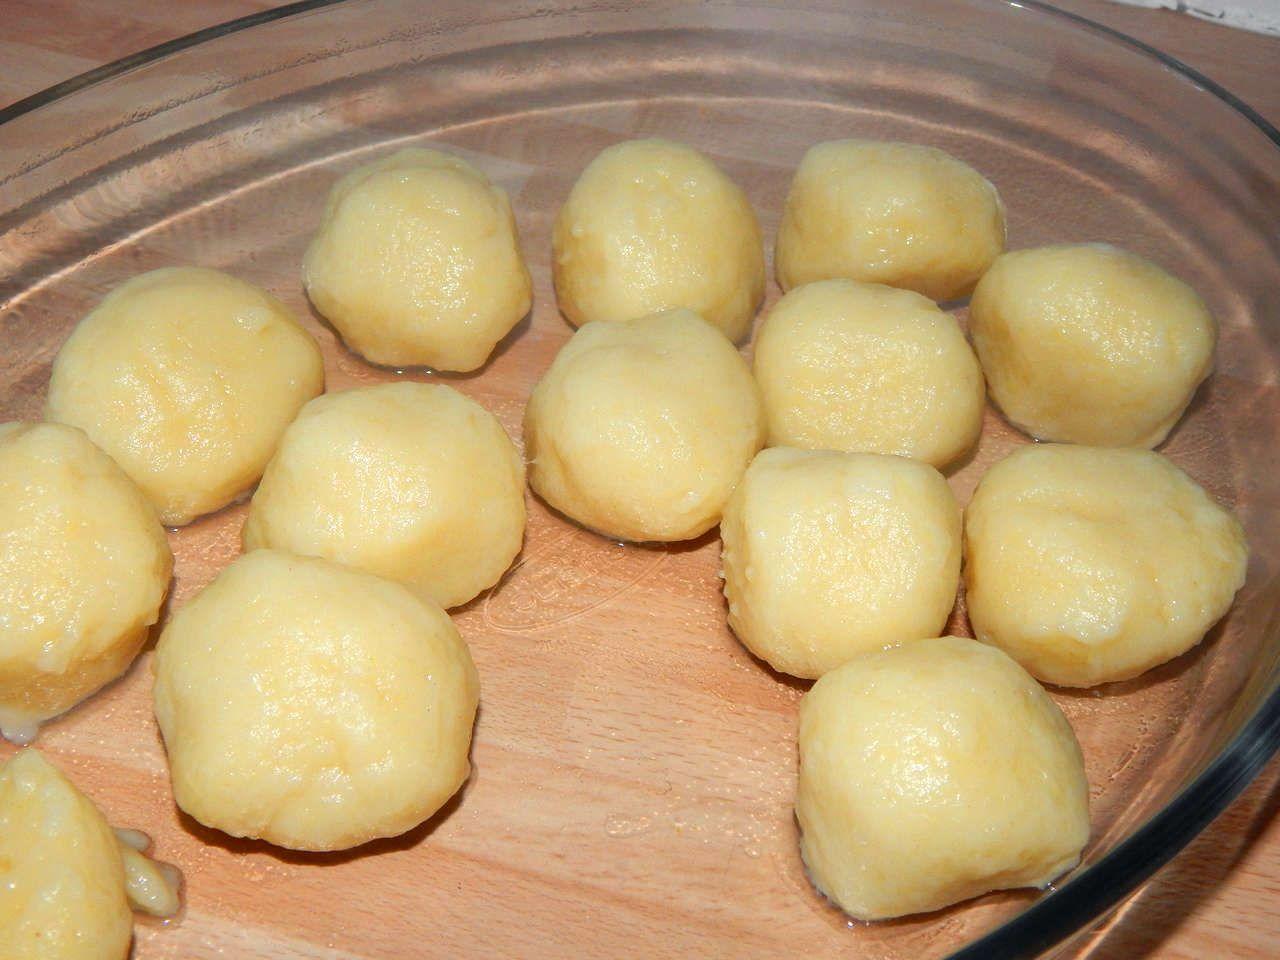 Burgonyagombóc recept: Ez egy klasszikus burgonyagombóc recept. Köretként adhatjuk, főként húsételek mellé. Nagyon egyszerű, és nagyon finom. :)